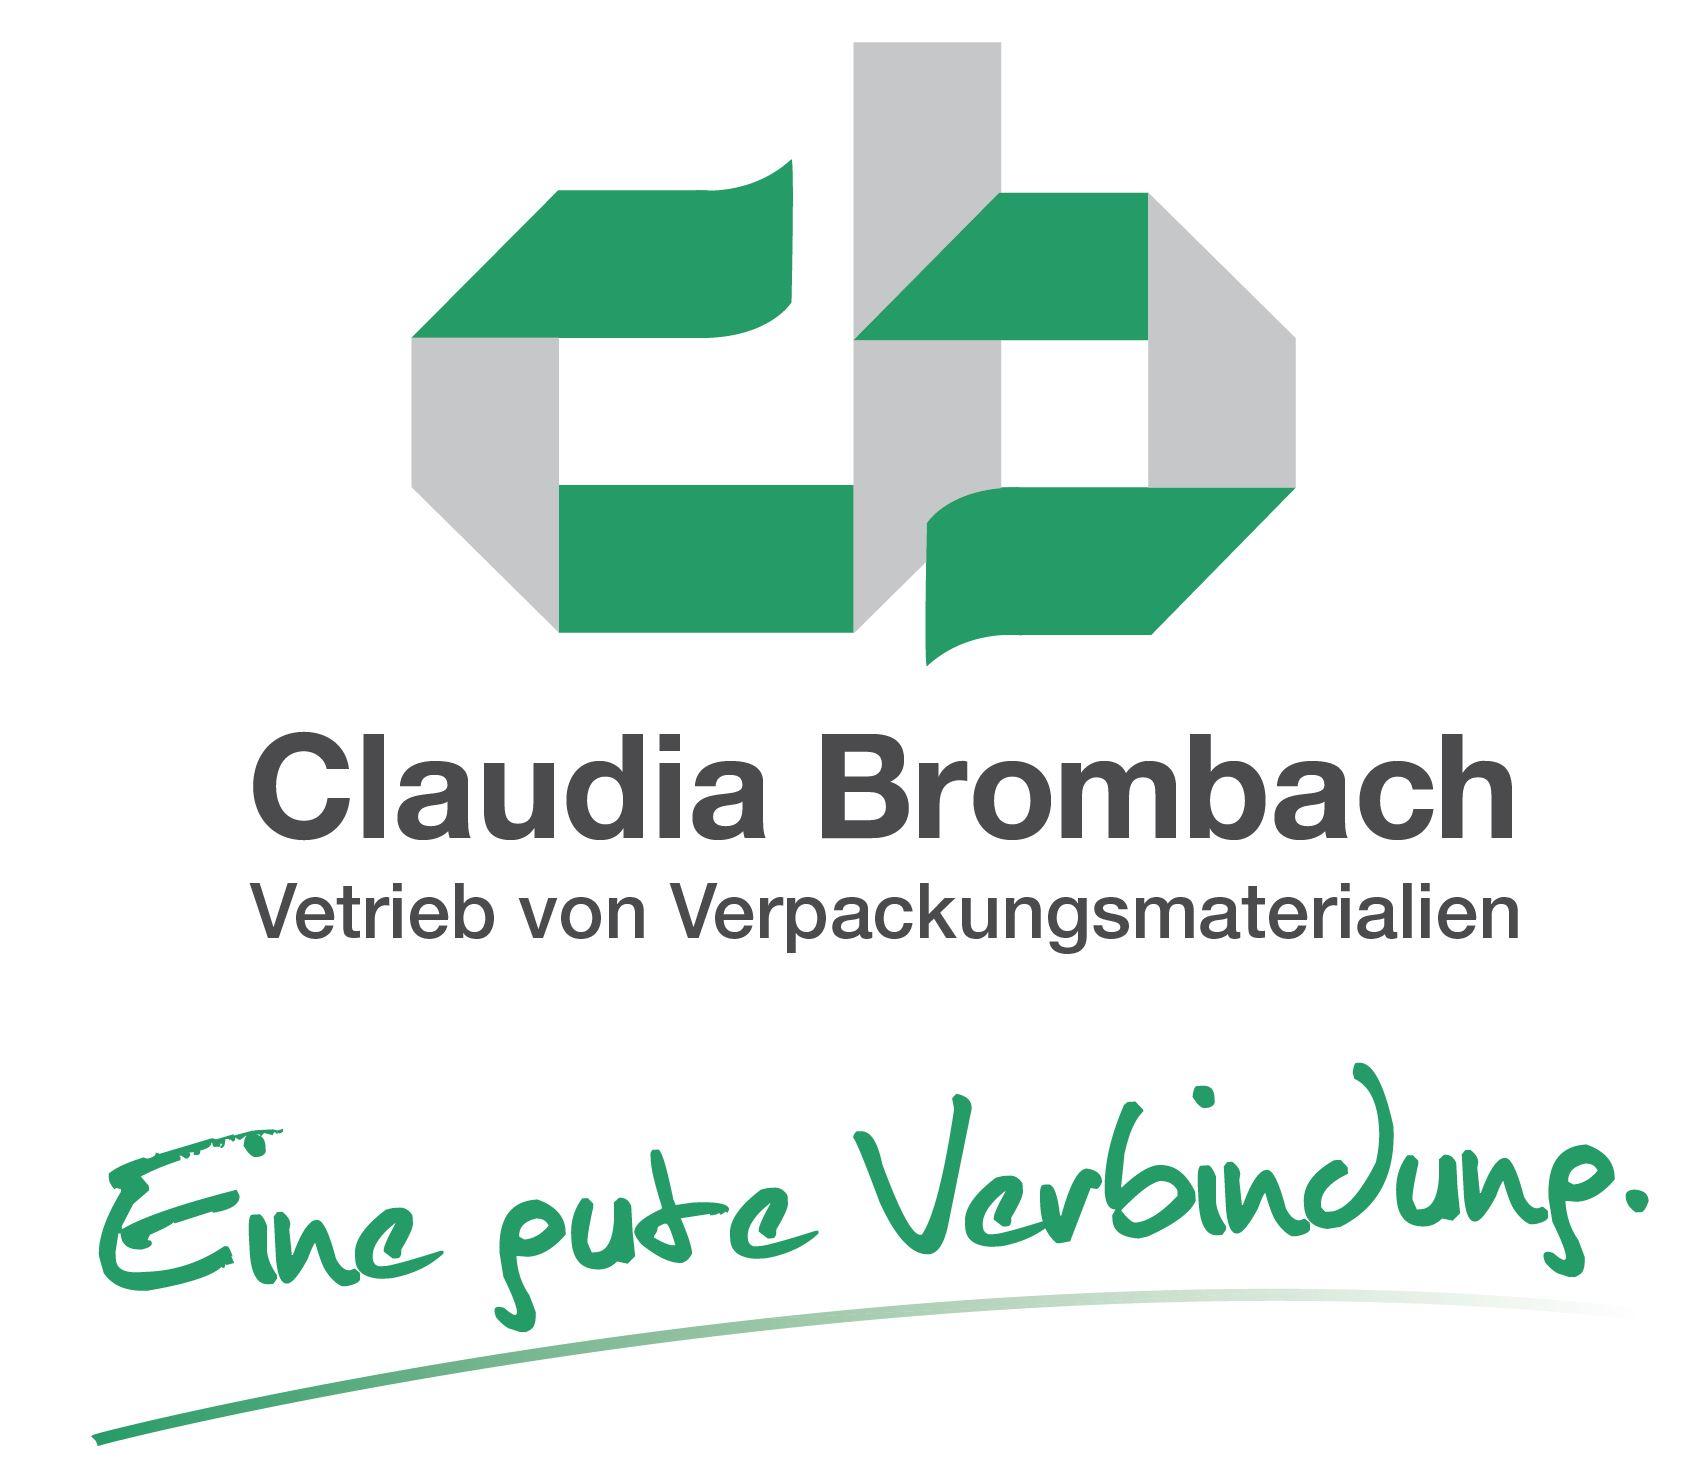 Claudia Brombach - Handelsvertreterin mit Herz